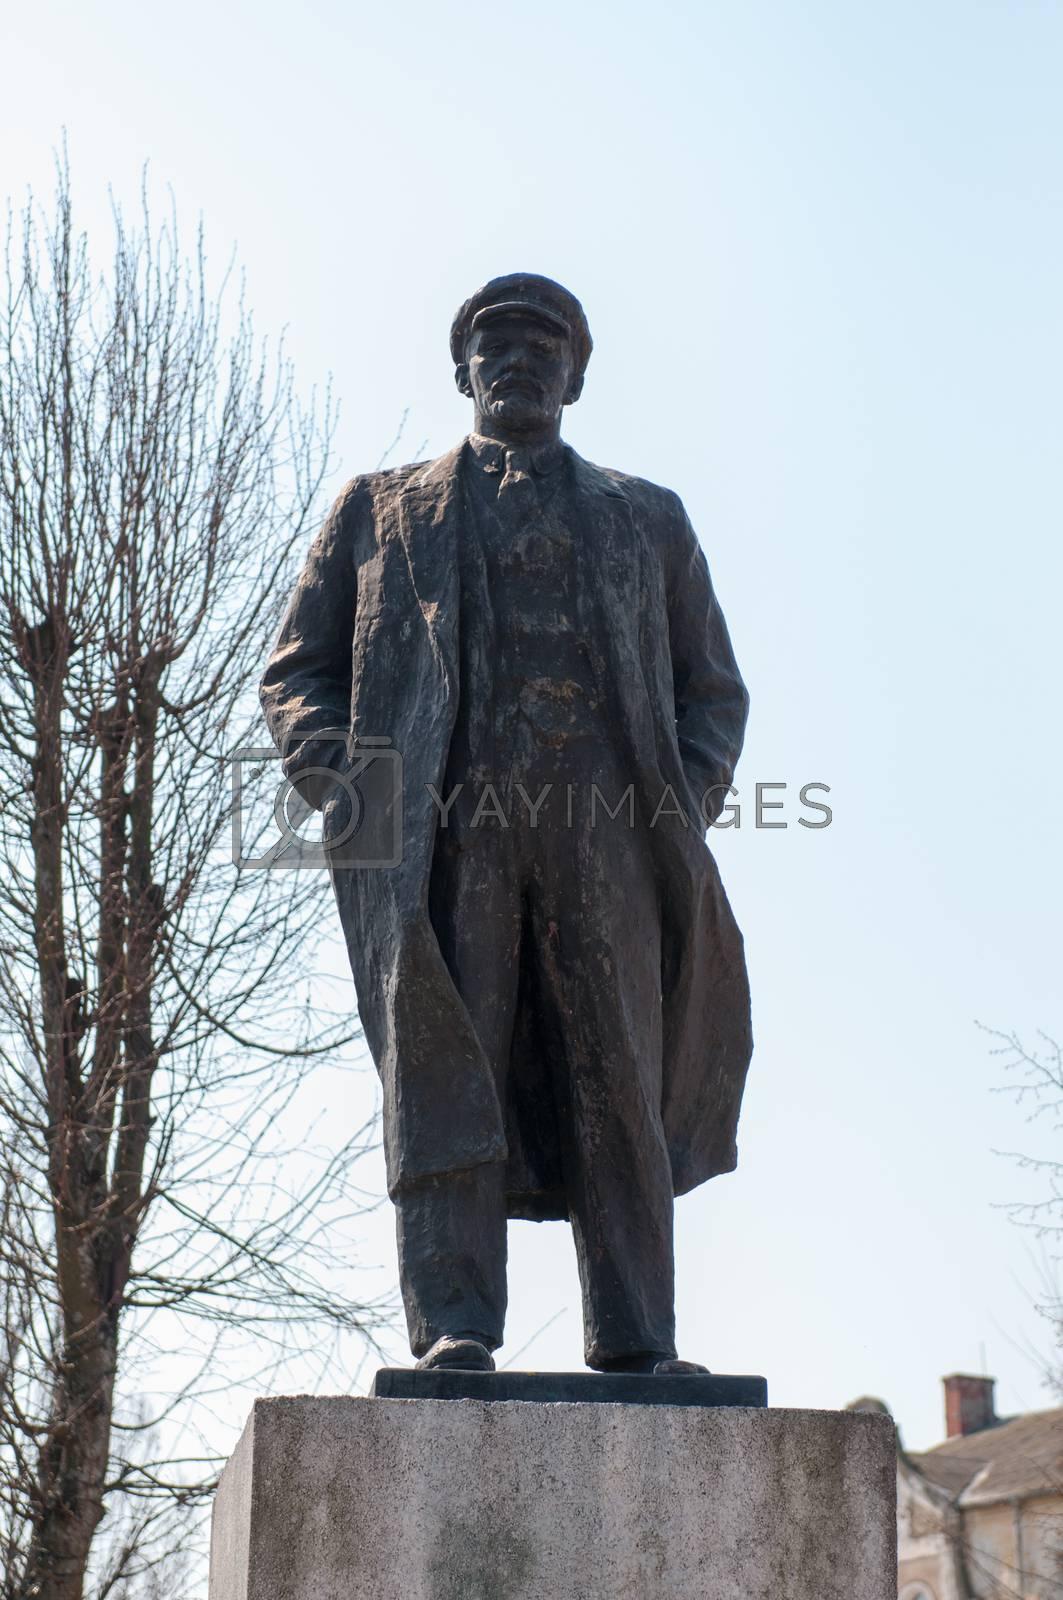 Monument to Lenin. Kaliningrad region. Russia. Revolutionary and communist leader.